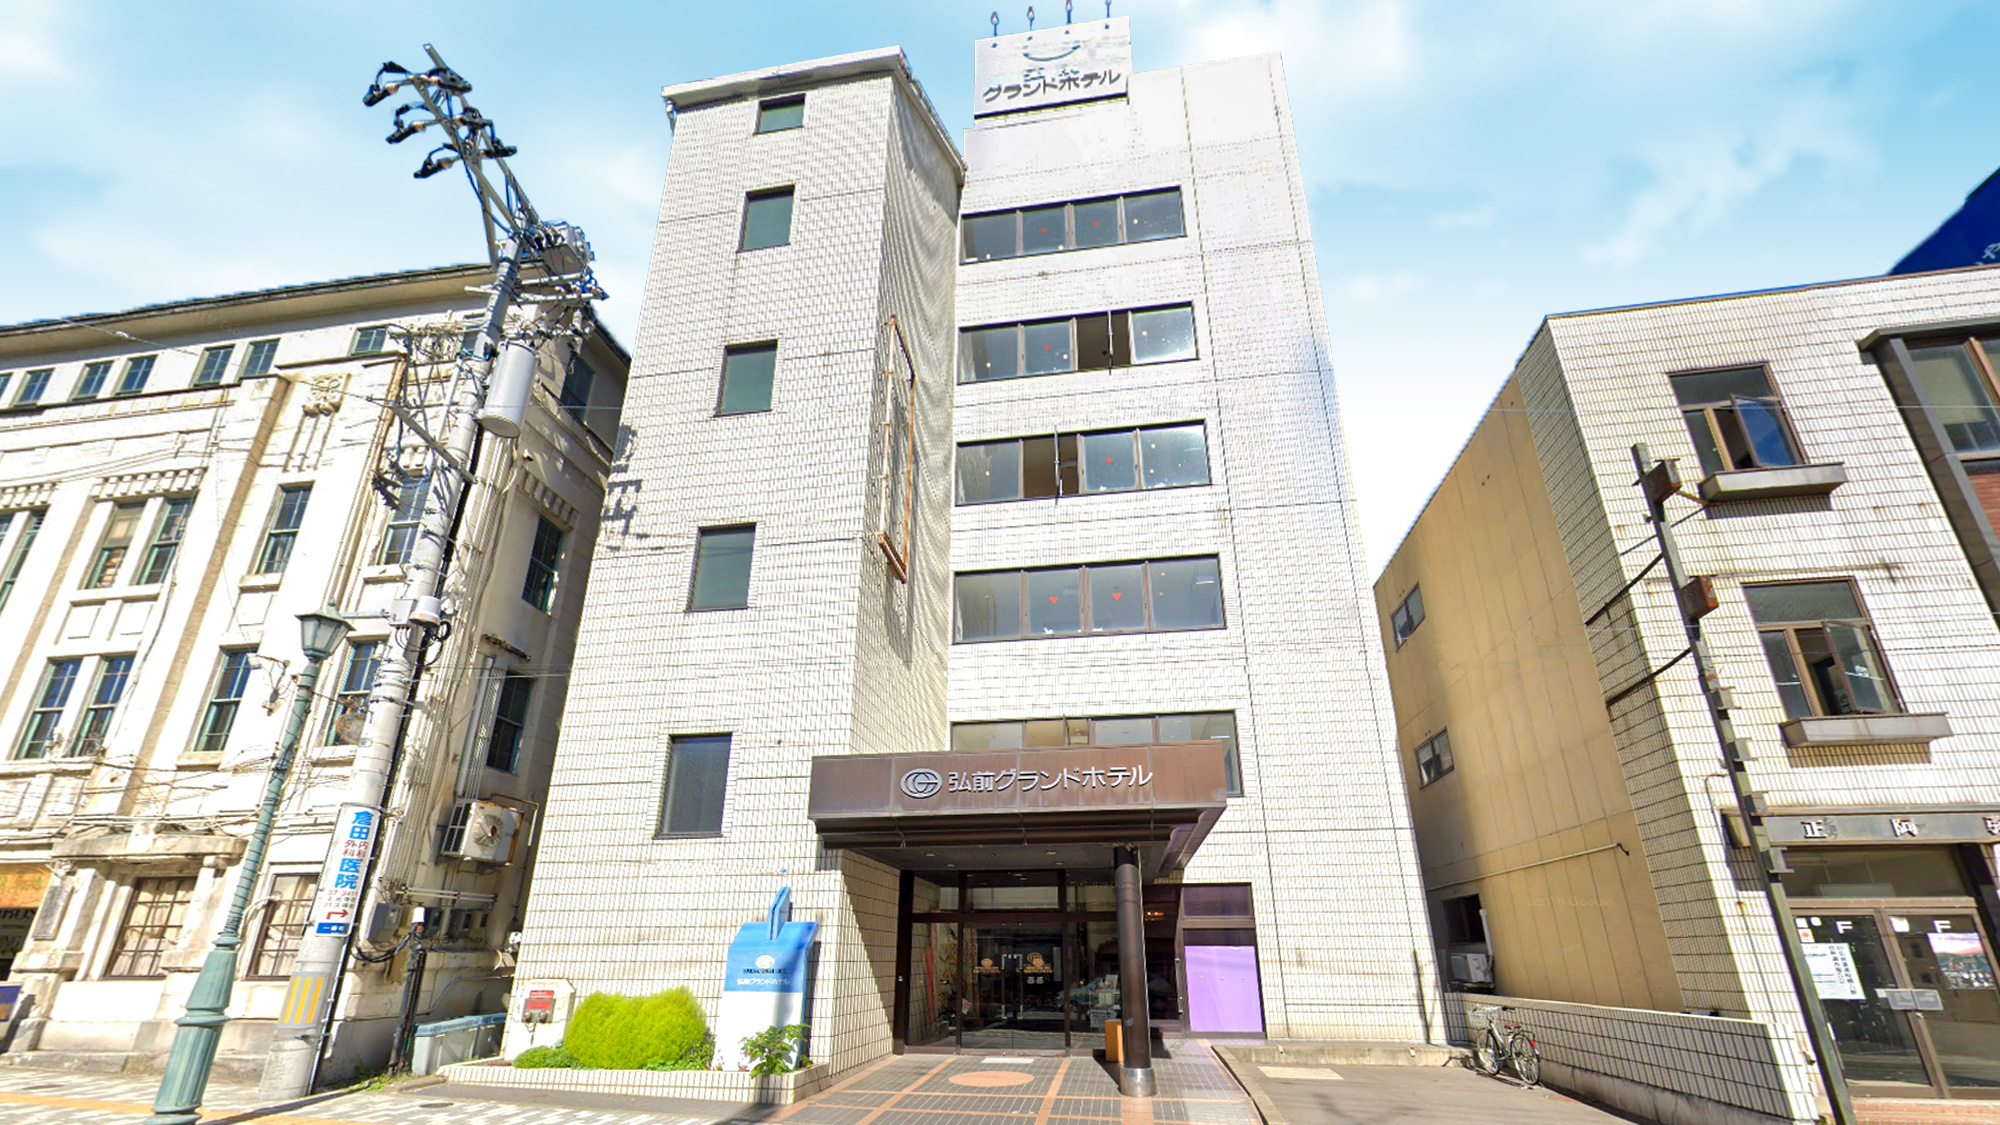 弘前グランドホテル 弘前城前(BBHホテルグループ)...